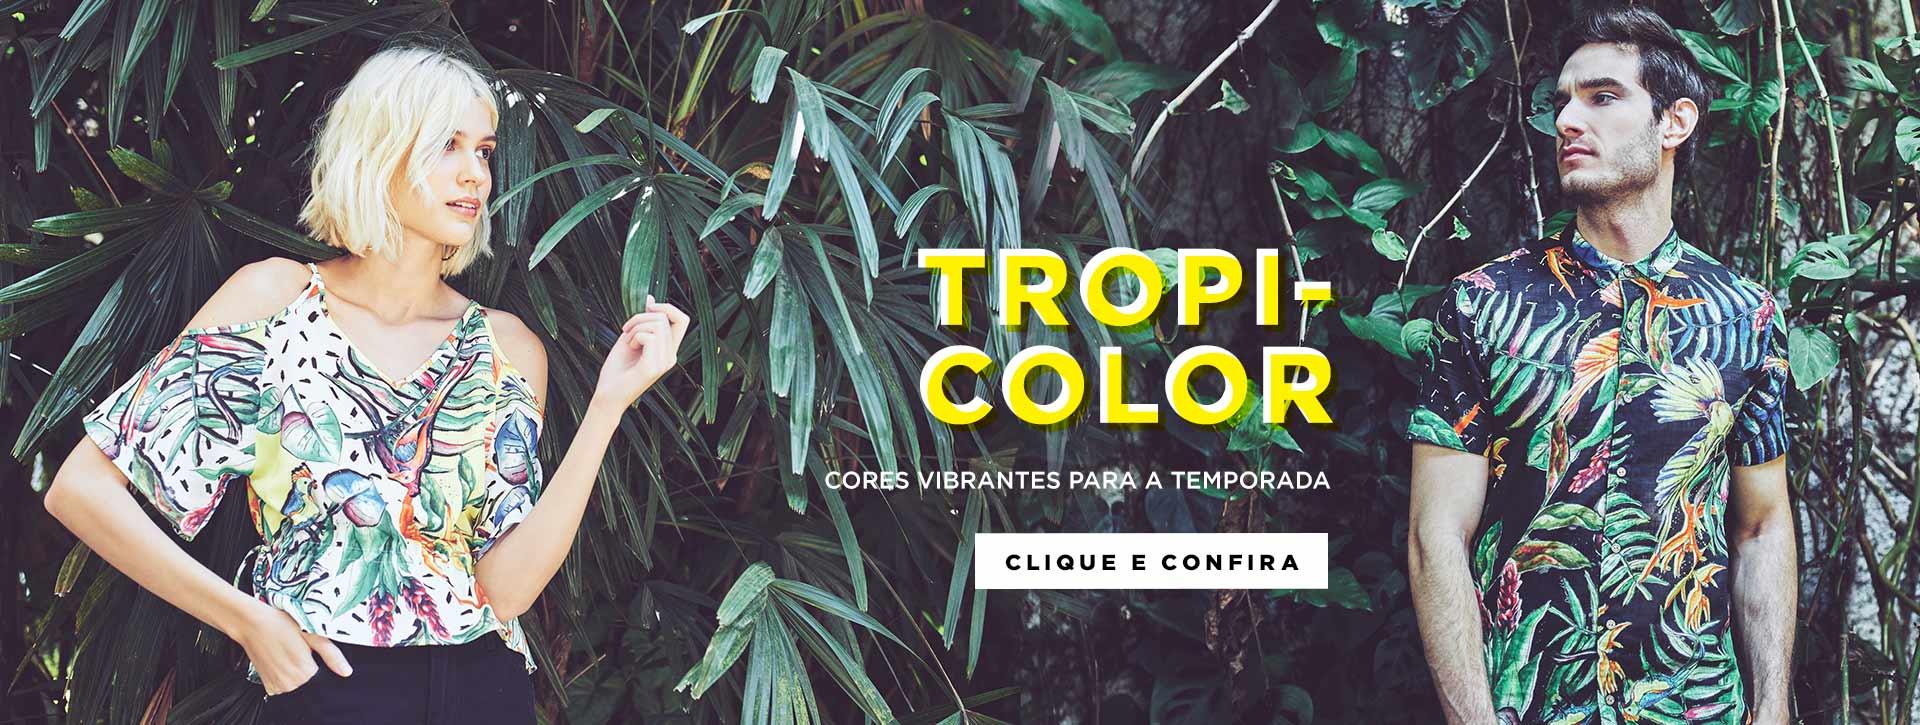 Tropicolor